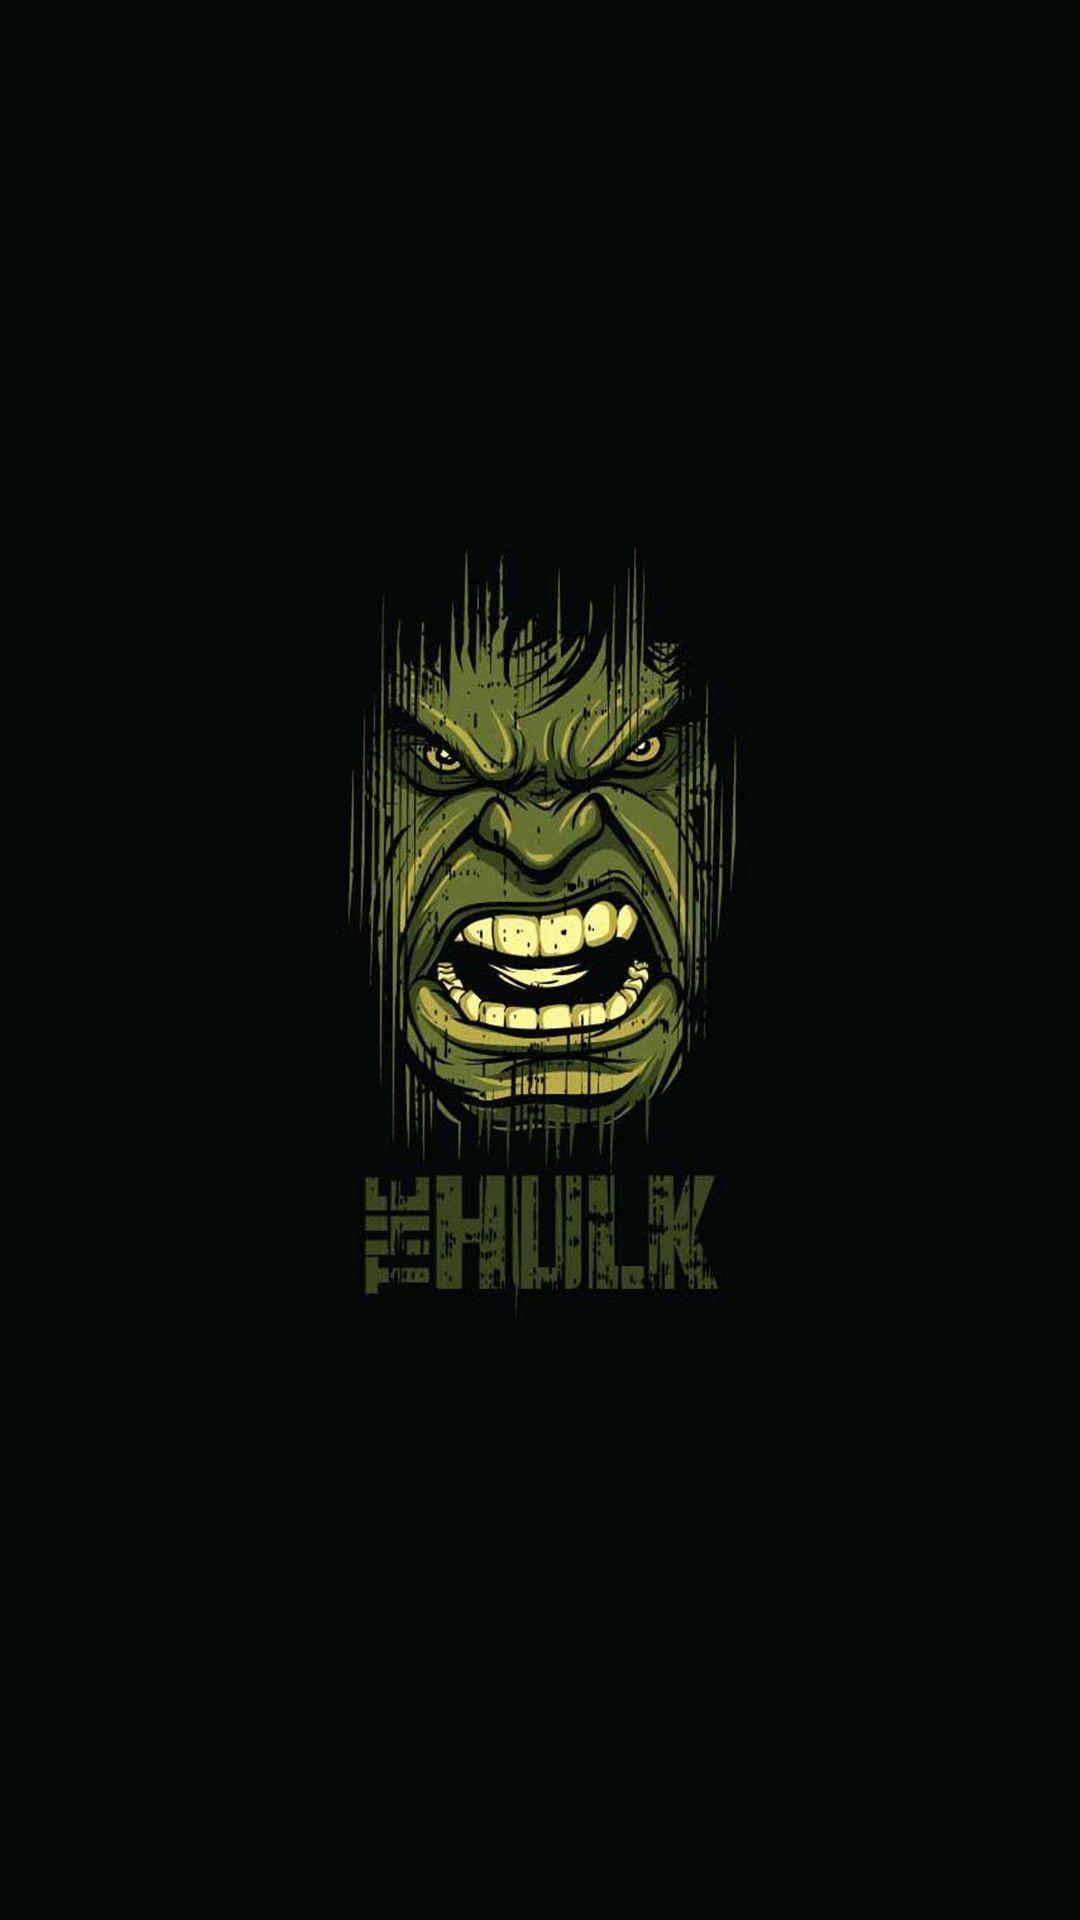 Hulk Symbol Phone Wallpapers Top Free Hulk Symbol Phone